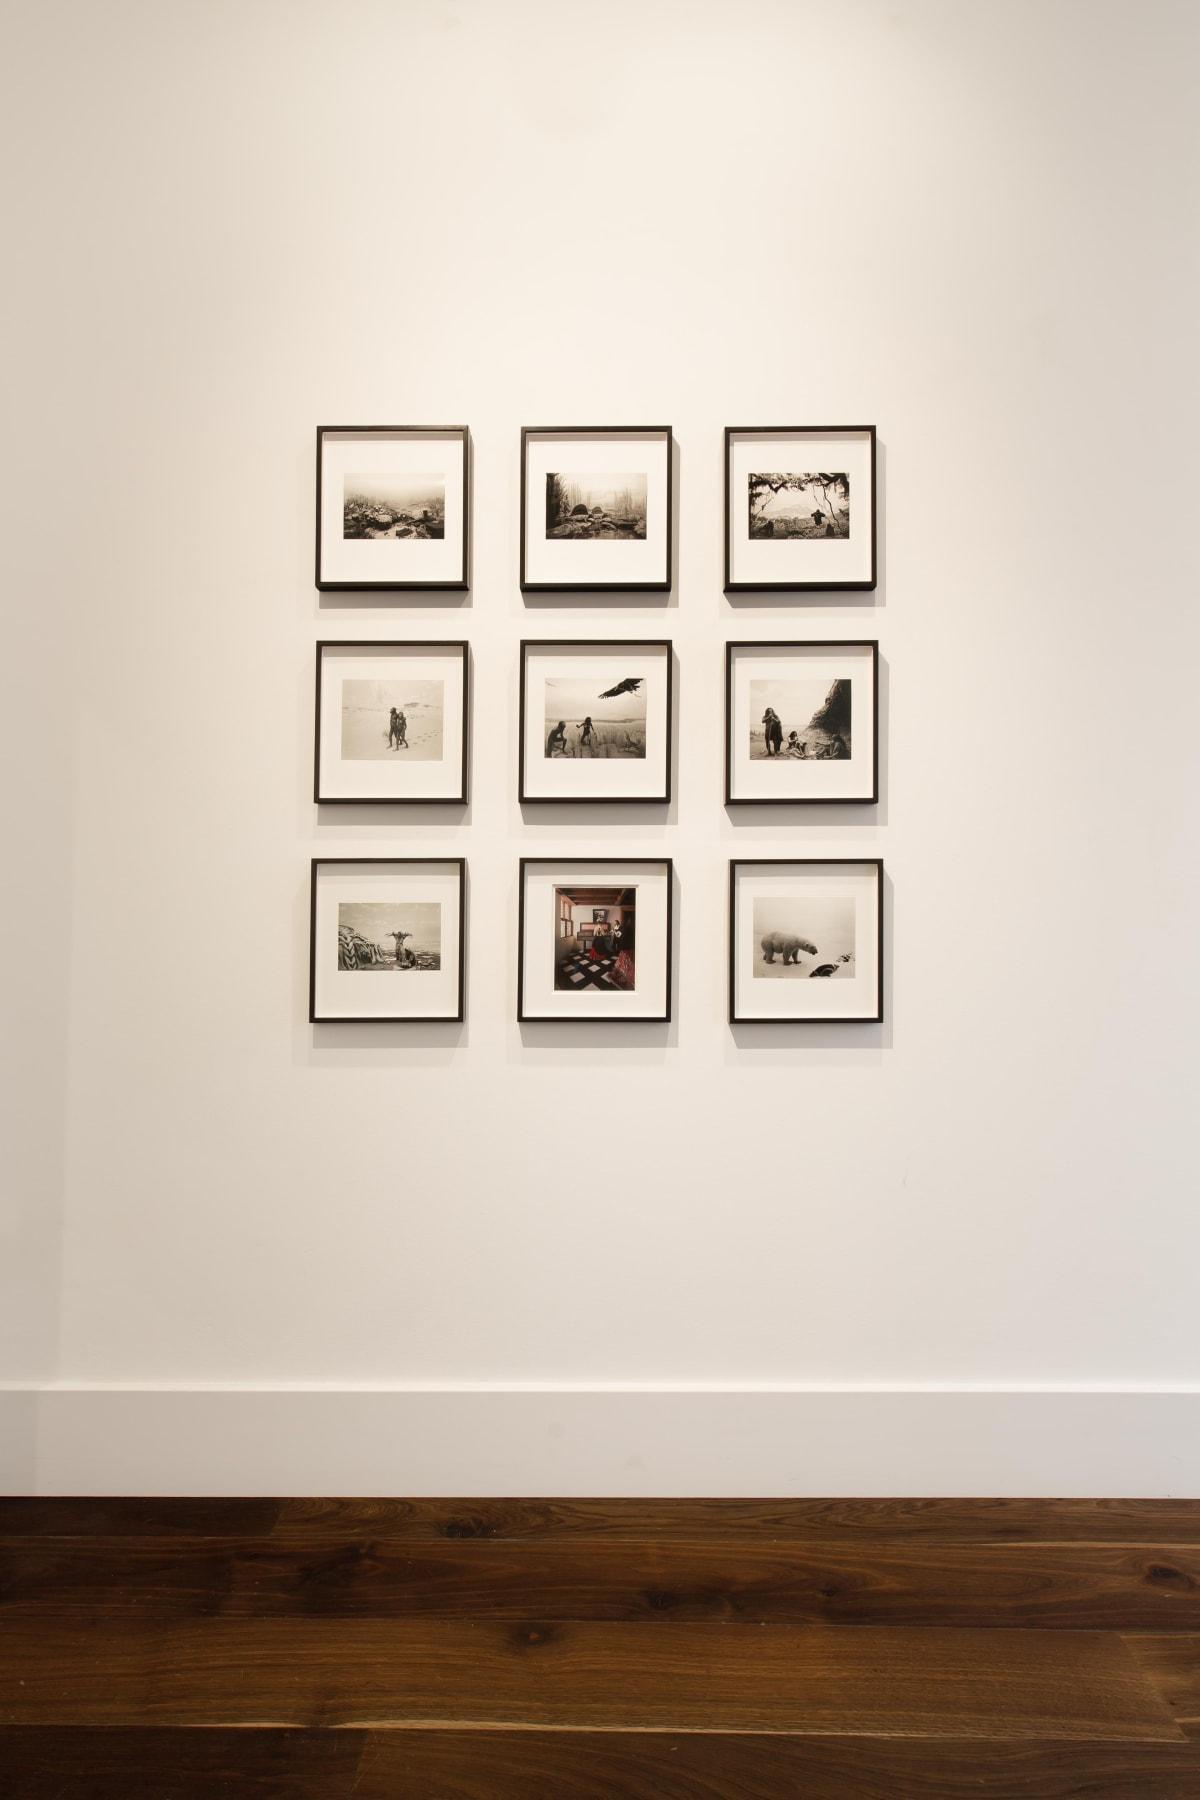 Hiroshi Sugimoto The Origins of Love 2004 Dellasposa Gallery